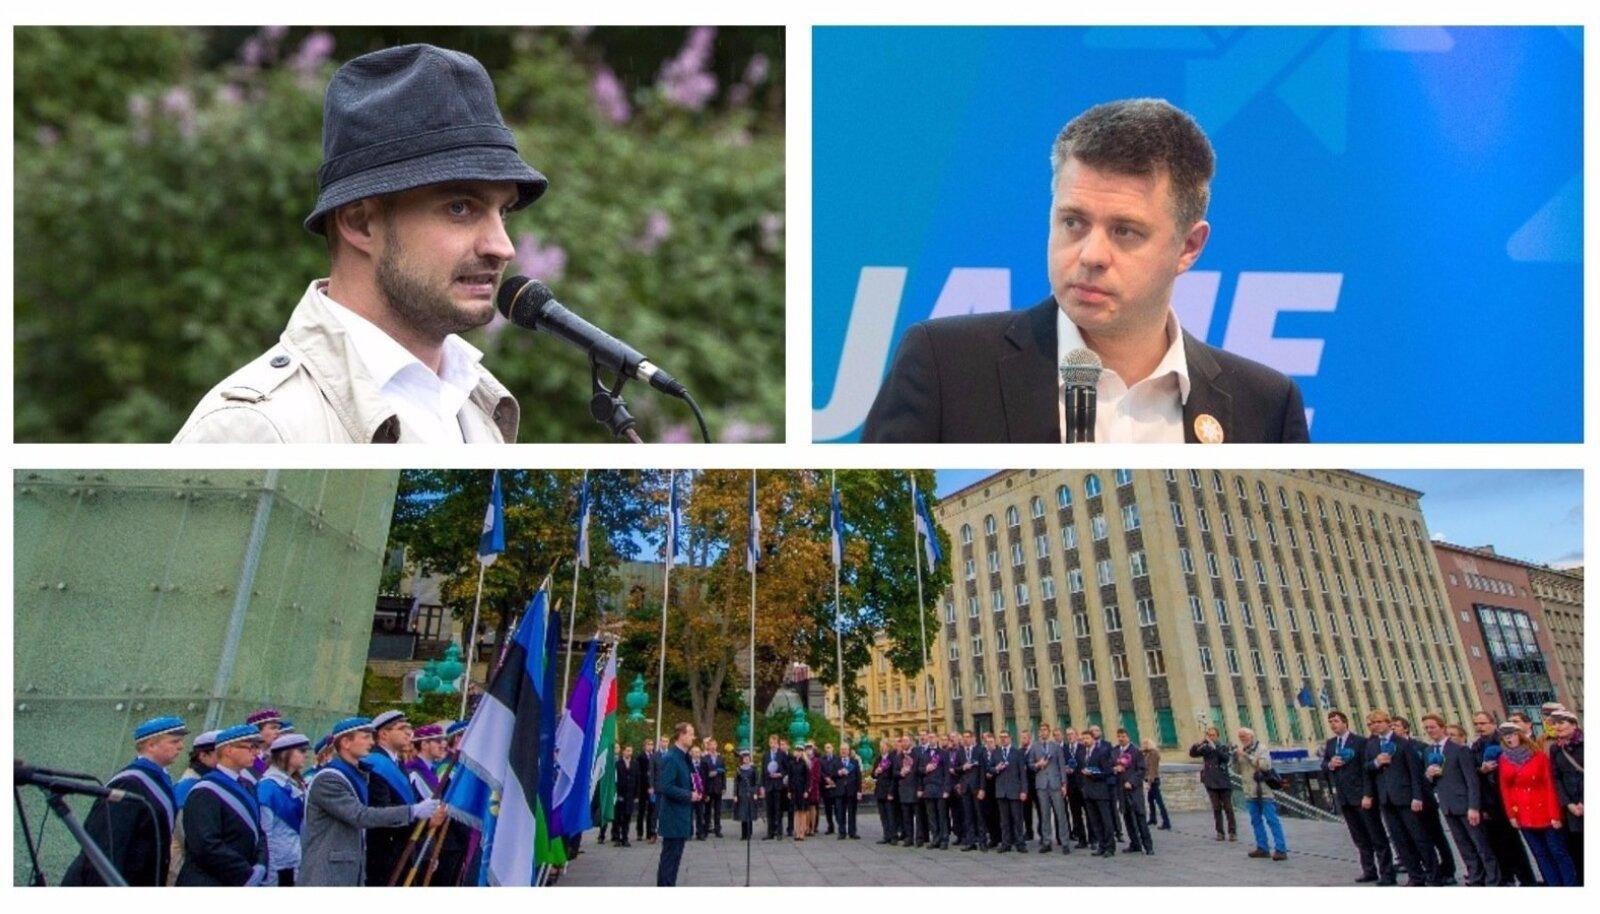 Vastupanuvõitluse päev/Georg Kirsberg ja Urmas Reinsalu